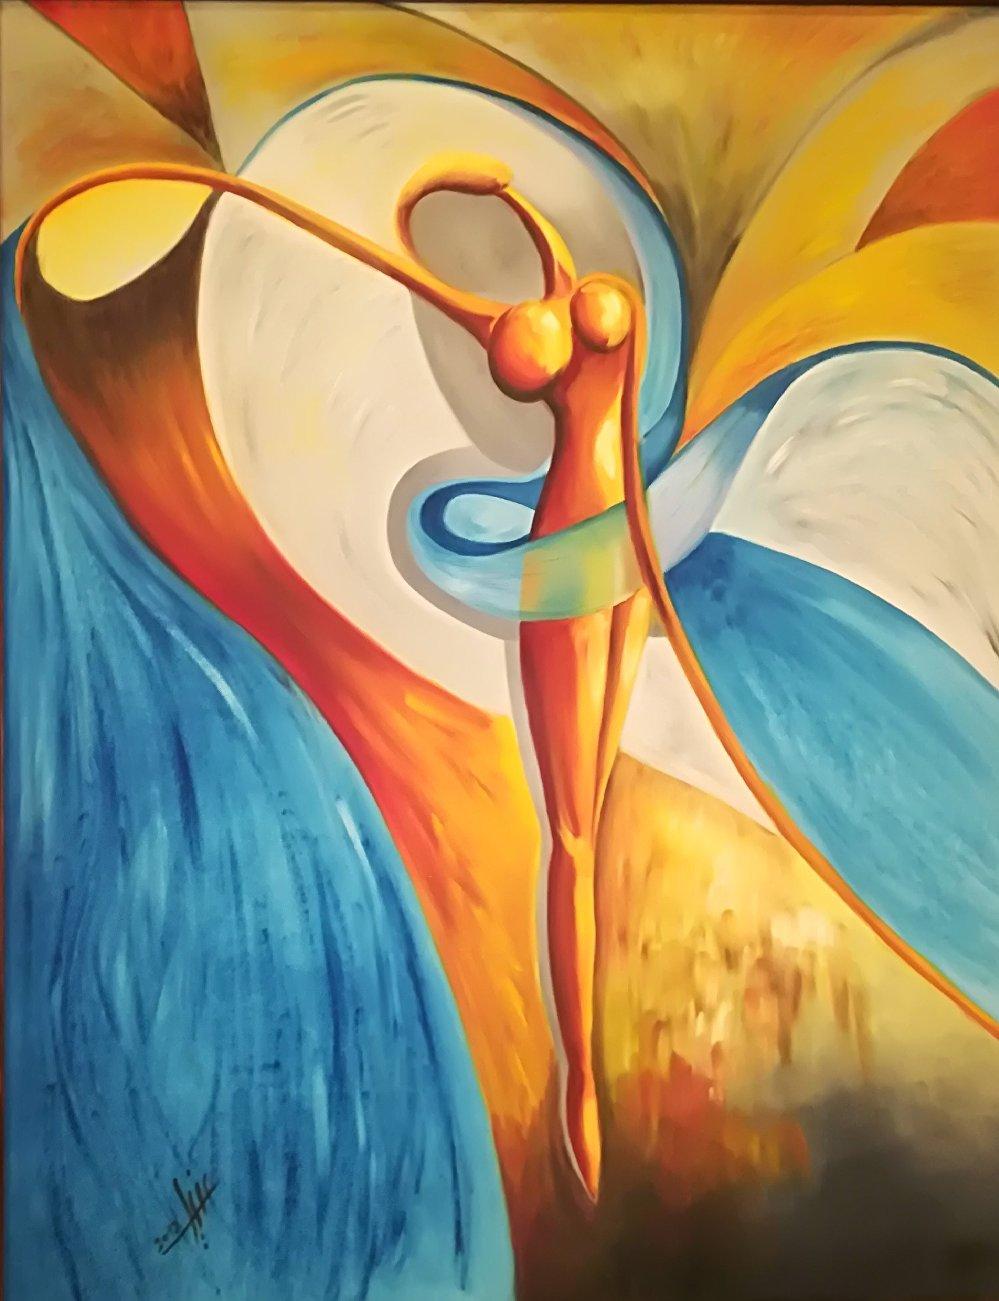 لوحة فنية للفنانة التشكيلية السعودية دنيا الصالح